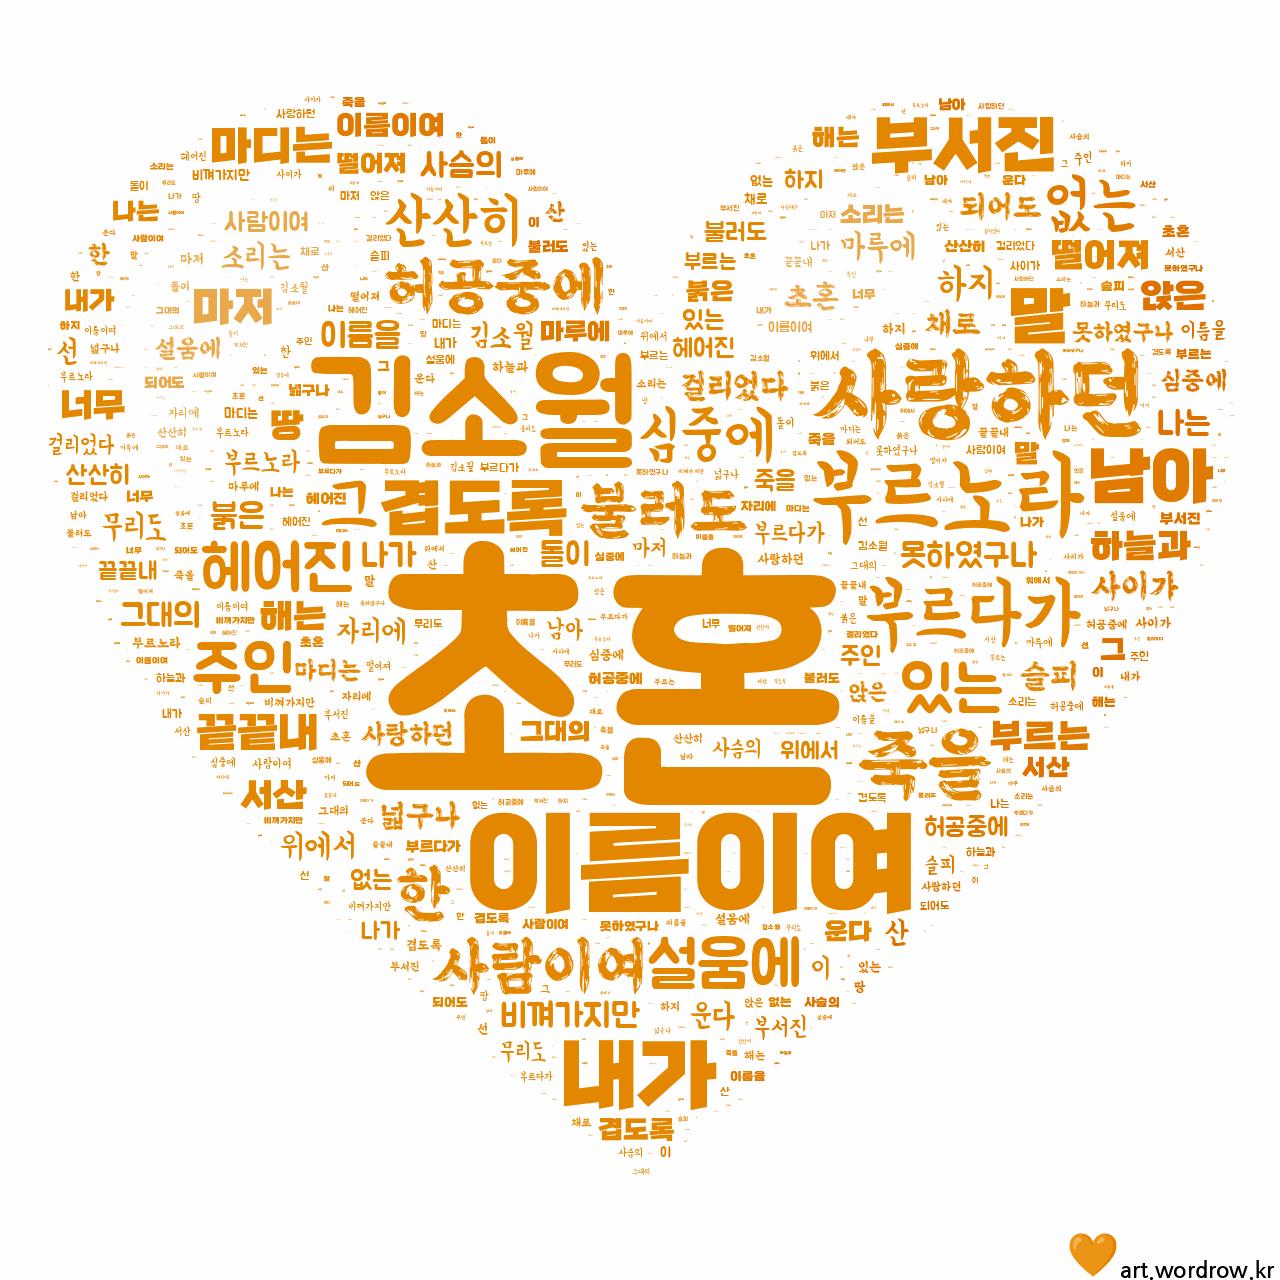 워드 클라우드: 초혼 [김소월]-8